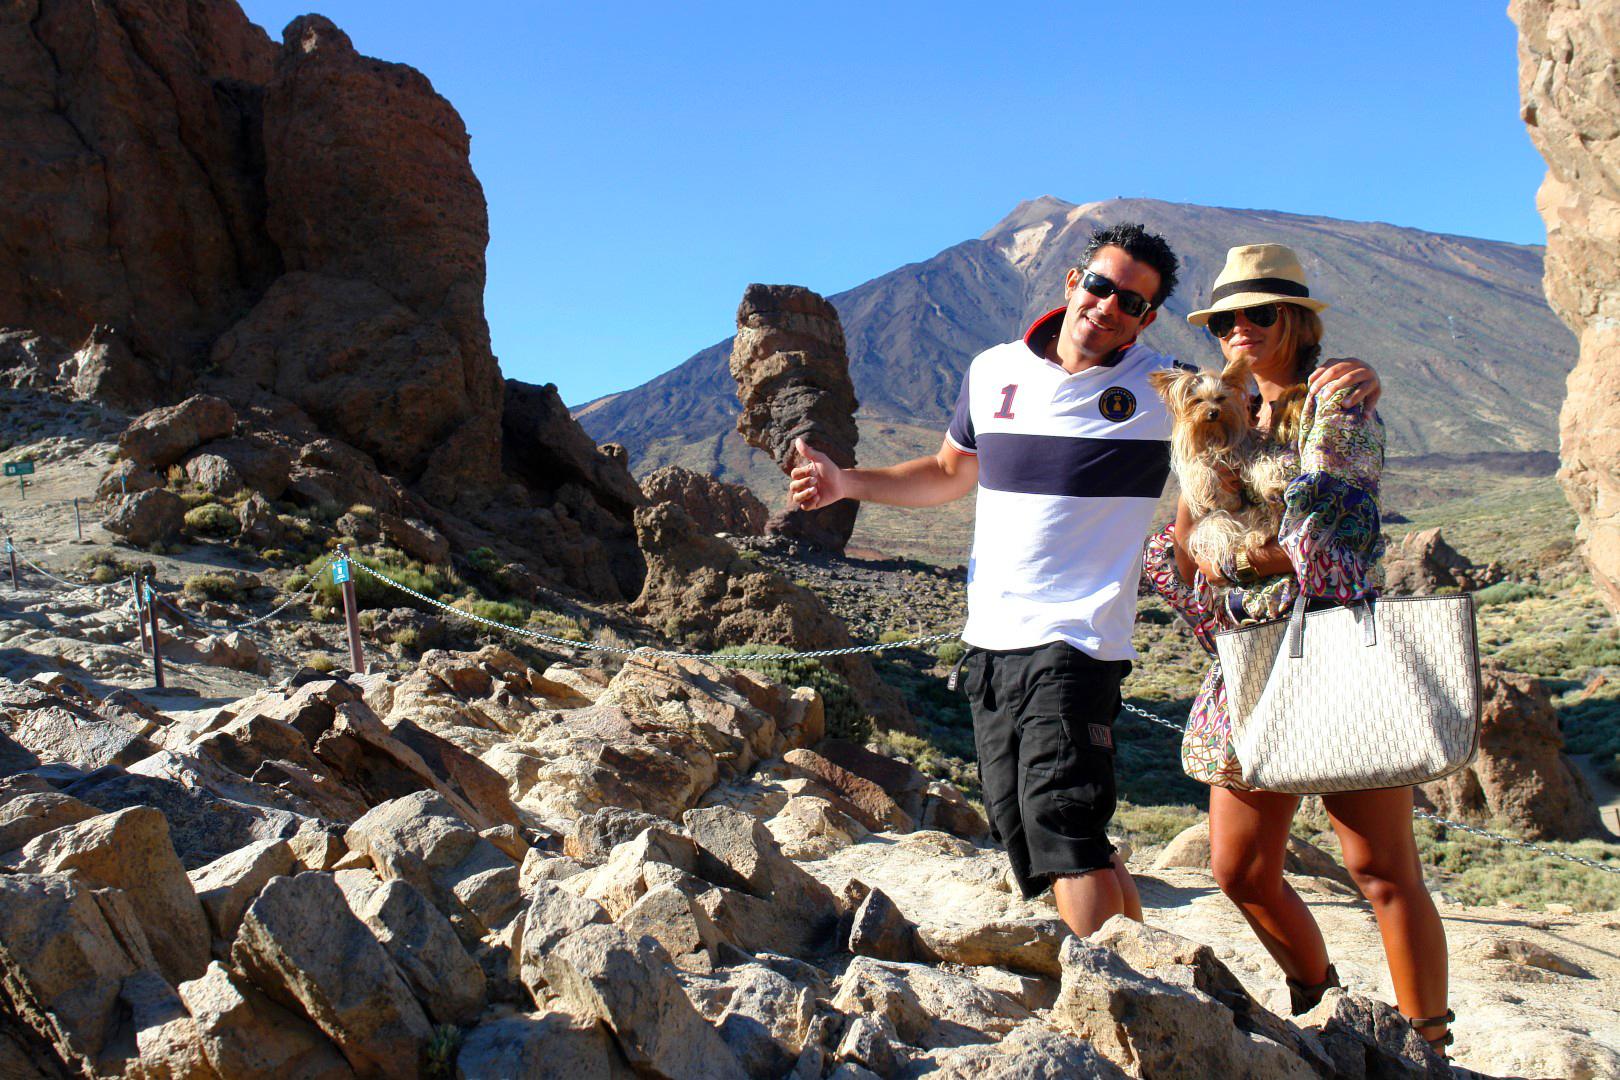 Viajar con Mascota mascotas - 30852510841 5a723bc969 o - Cómo viajar con perros y mascotas